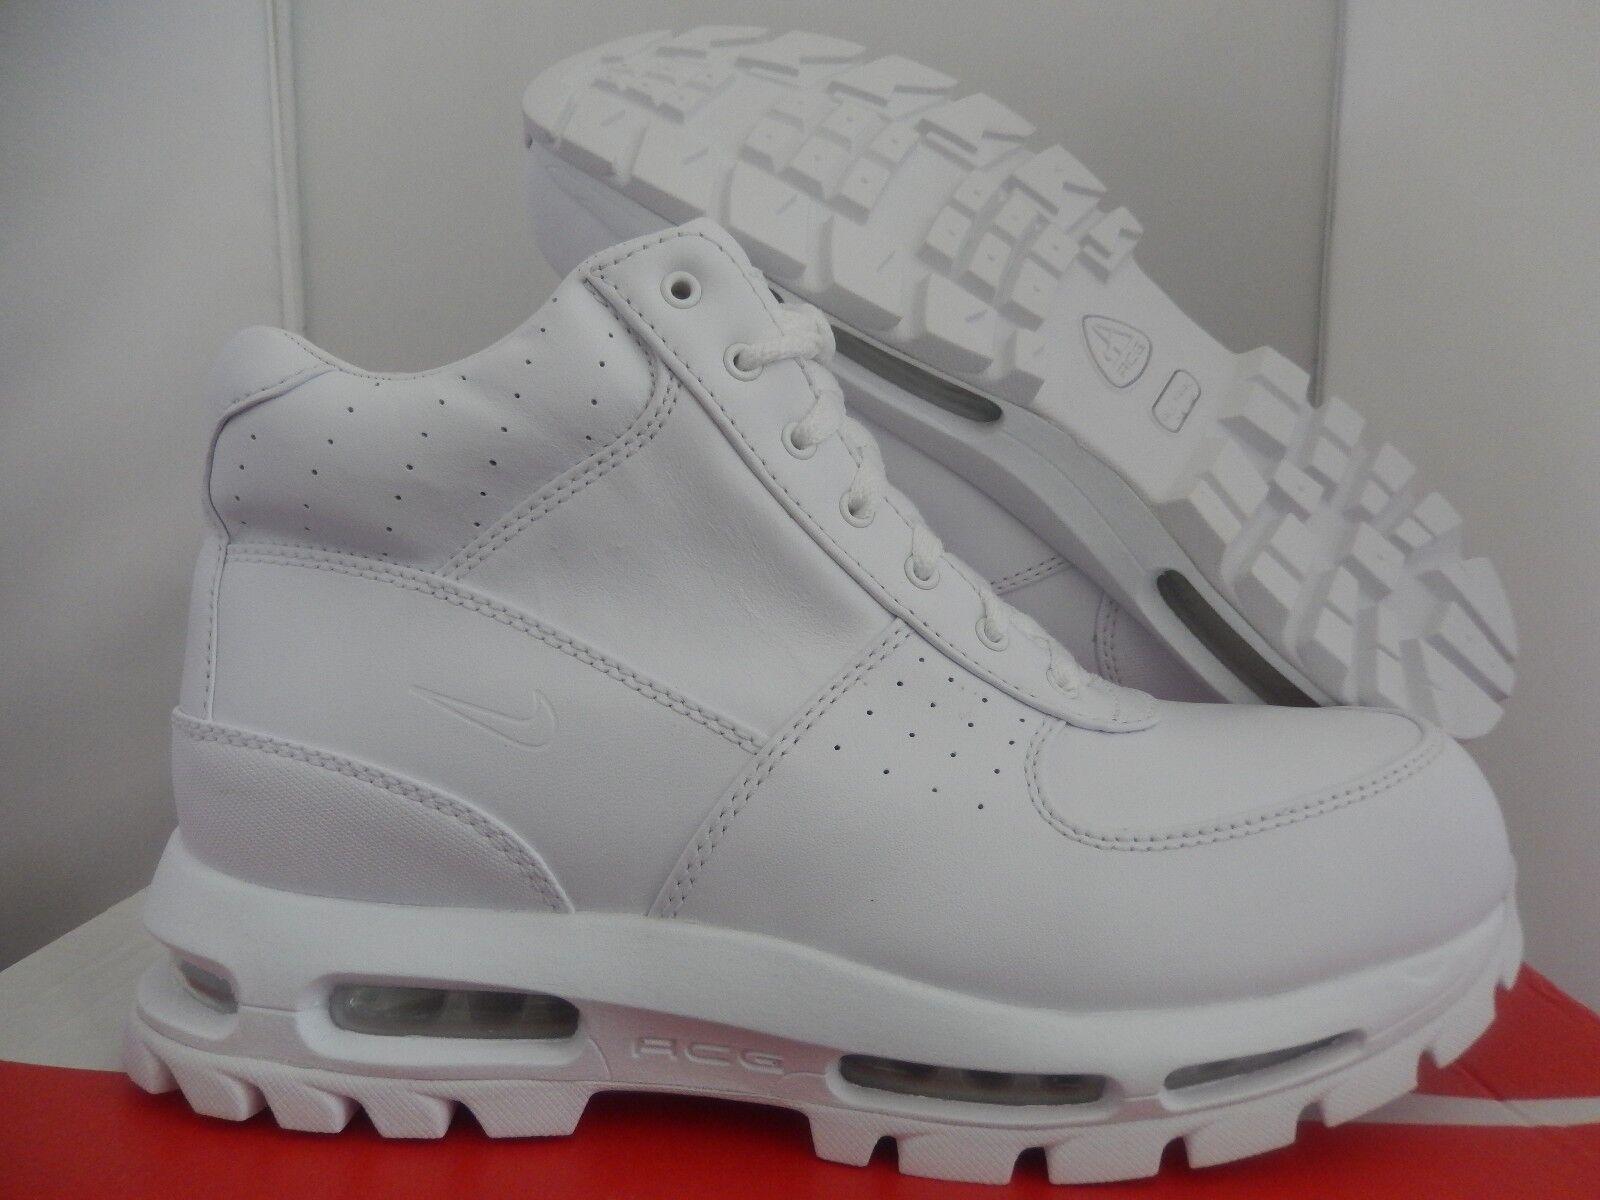 Nike air max goadome 2013 qs stivali white-white sz - 822206-111]